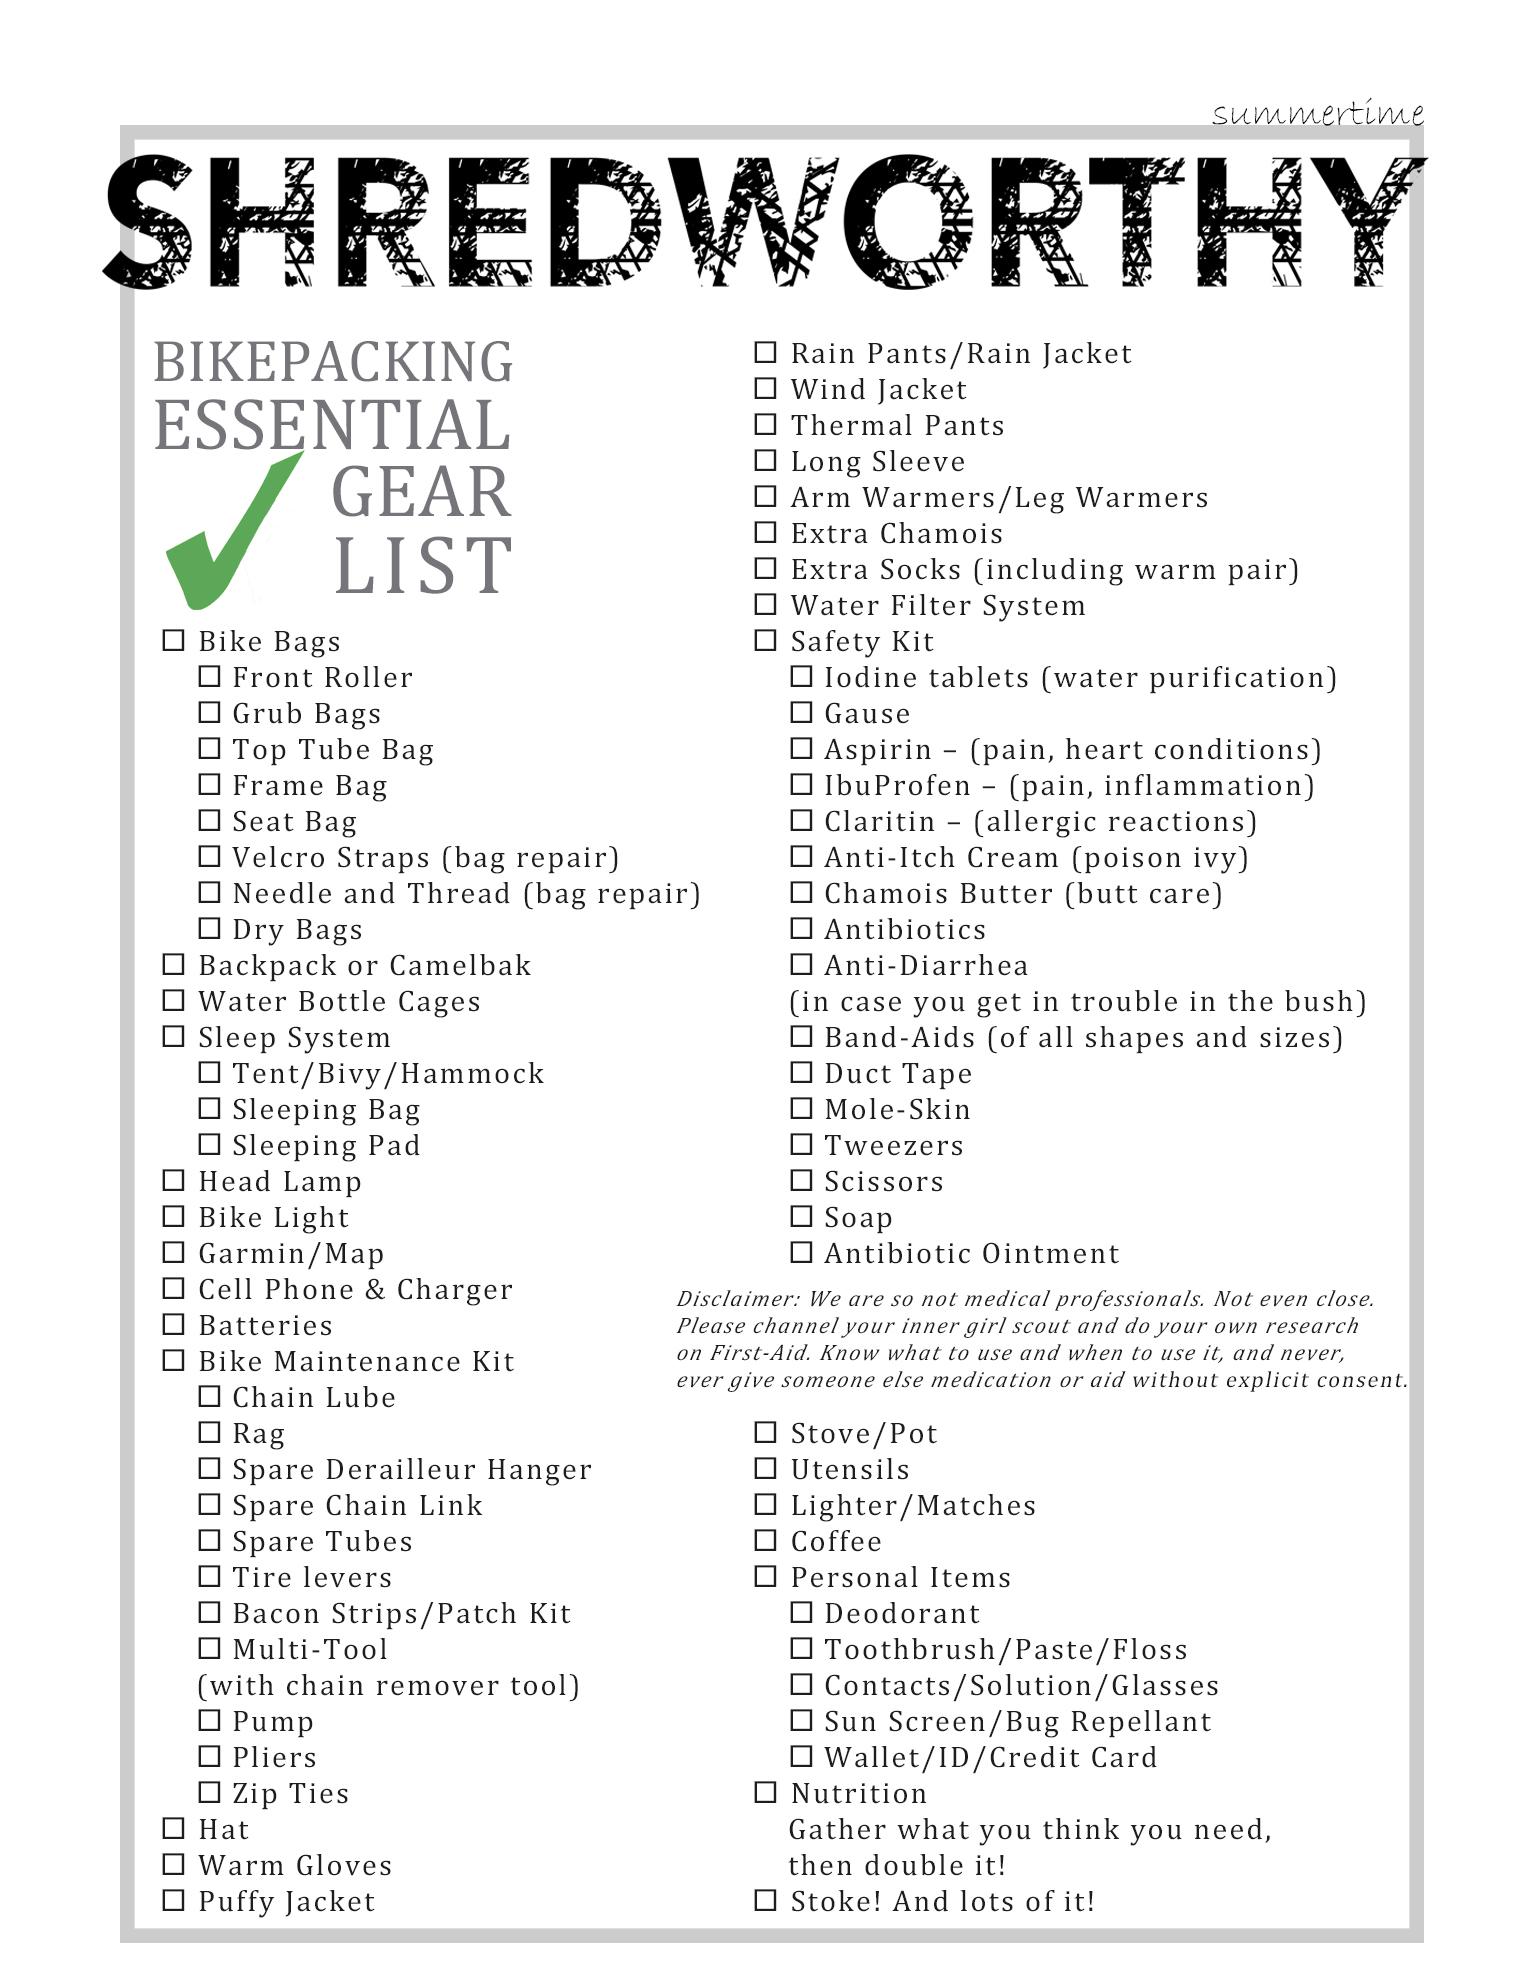 Bikepacking Essential Gear Checklist